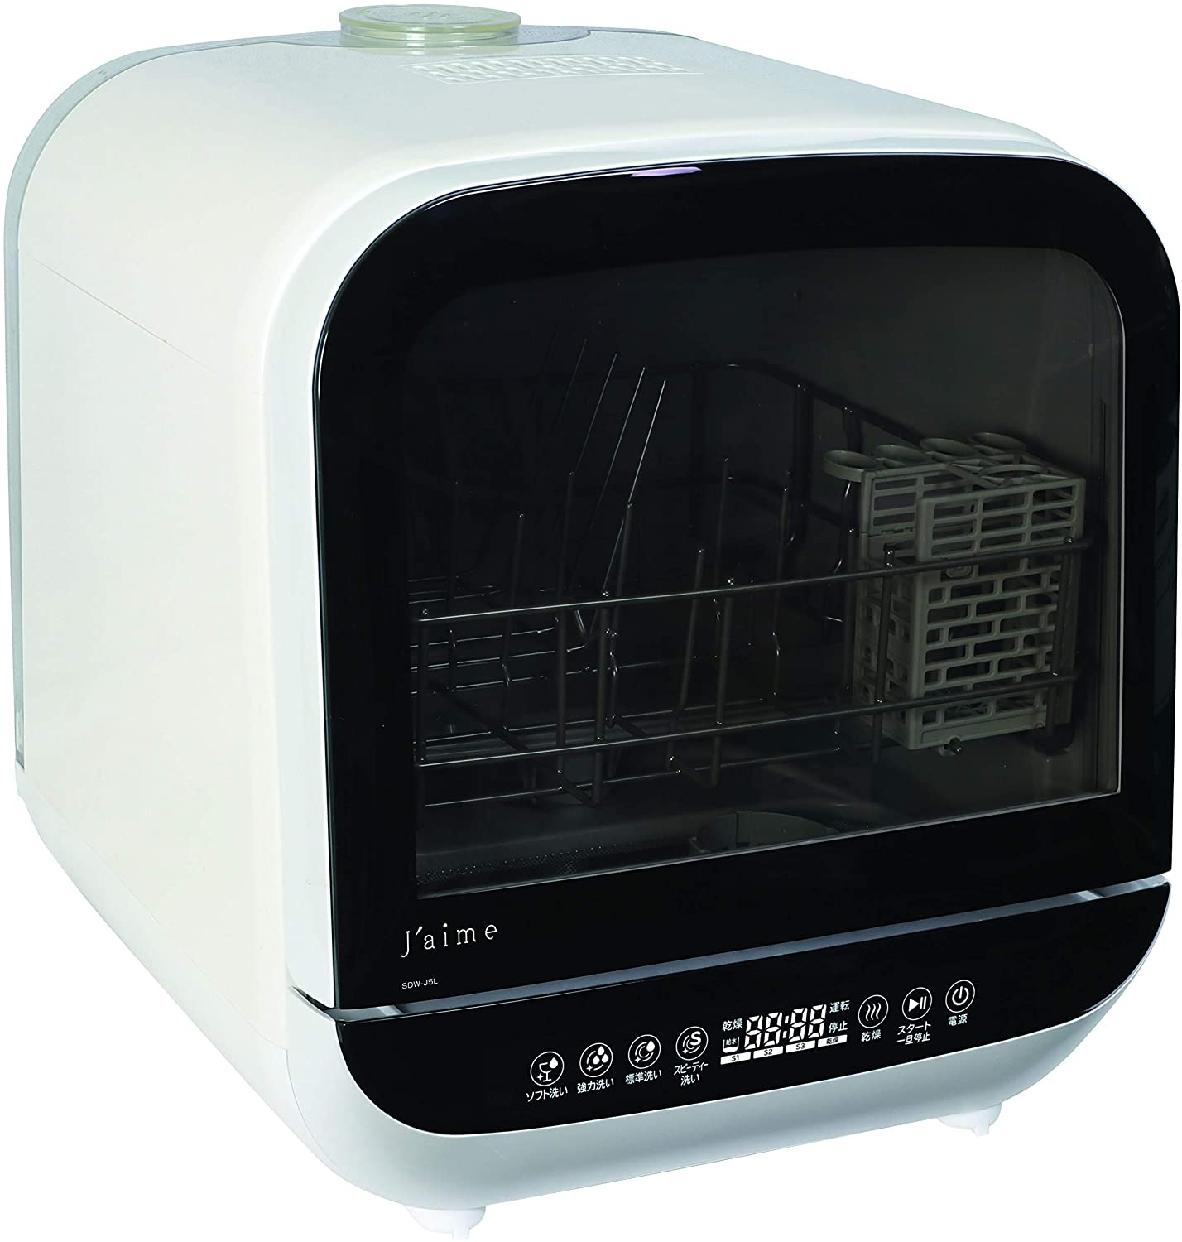 SK Japan(エスケイジャパン) ジェイム 食器洗い乾燥機 SDW-J5L(W)の商品画像